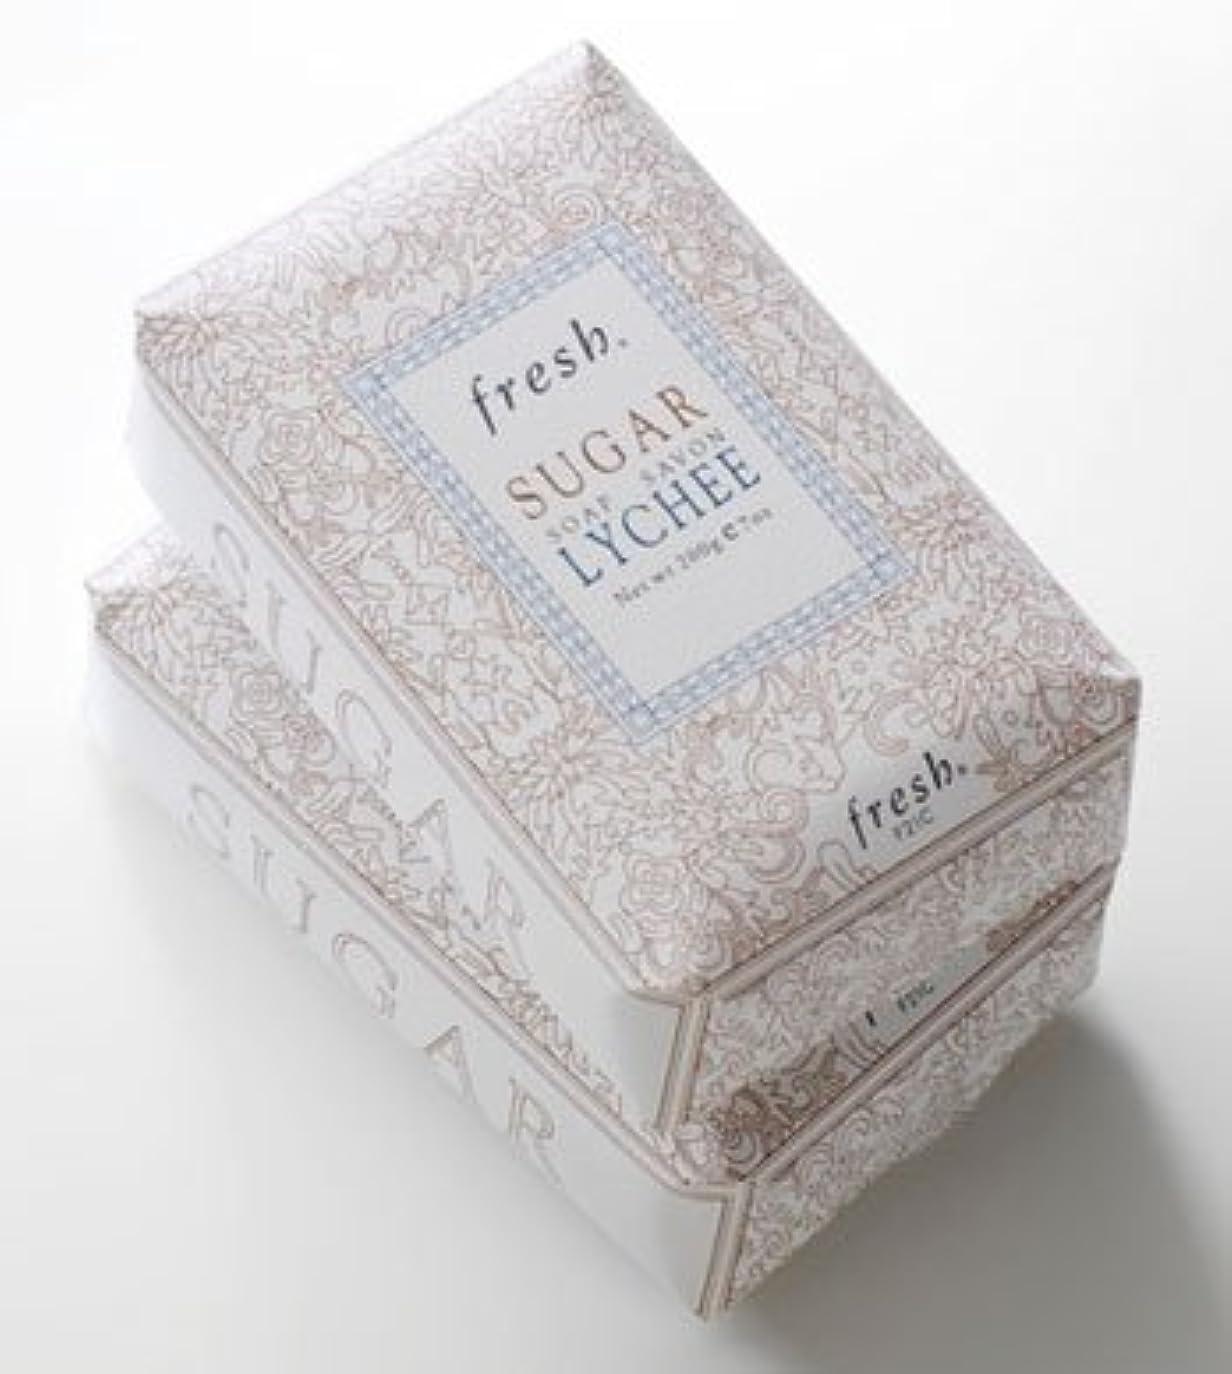 政府機知に富んだ除外するFresh SUGAR LYCHEE SOAP(フレッシュ シュガーライチ ソープ) 7.0 oz (210g) by Fresh for Women